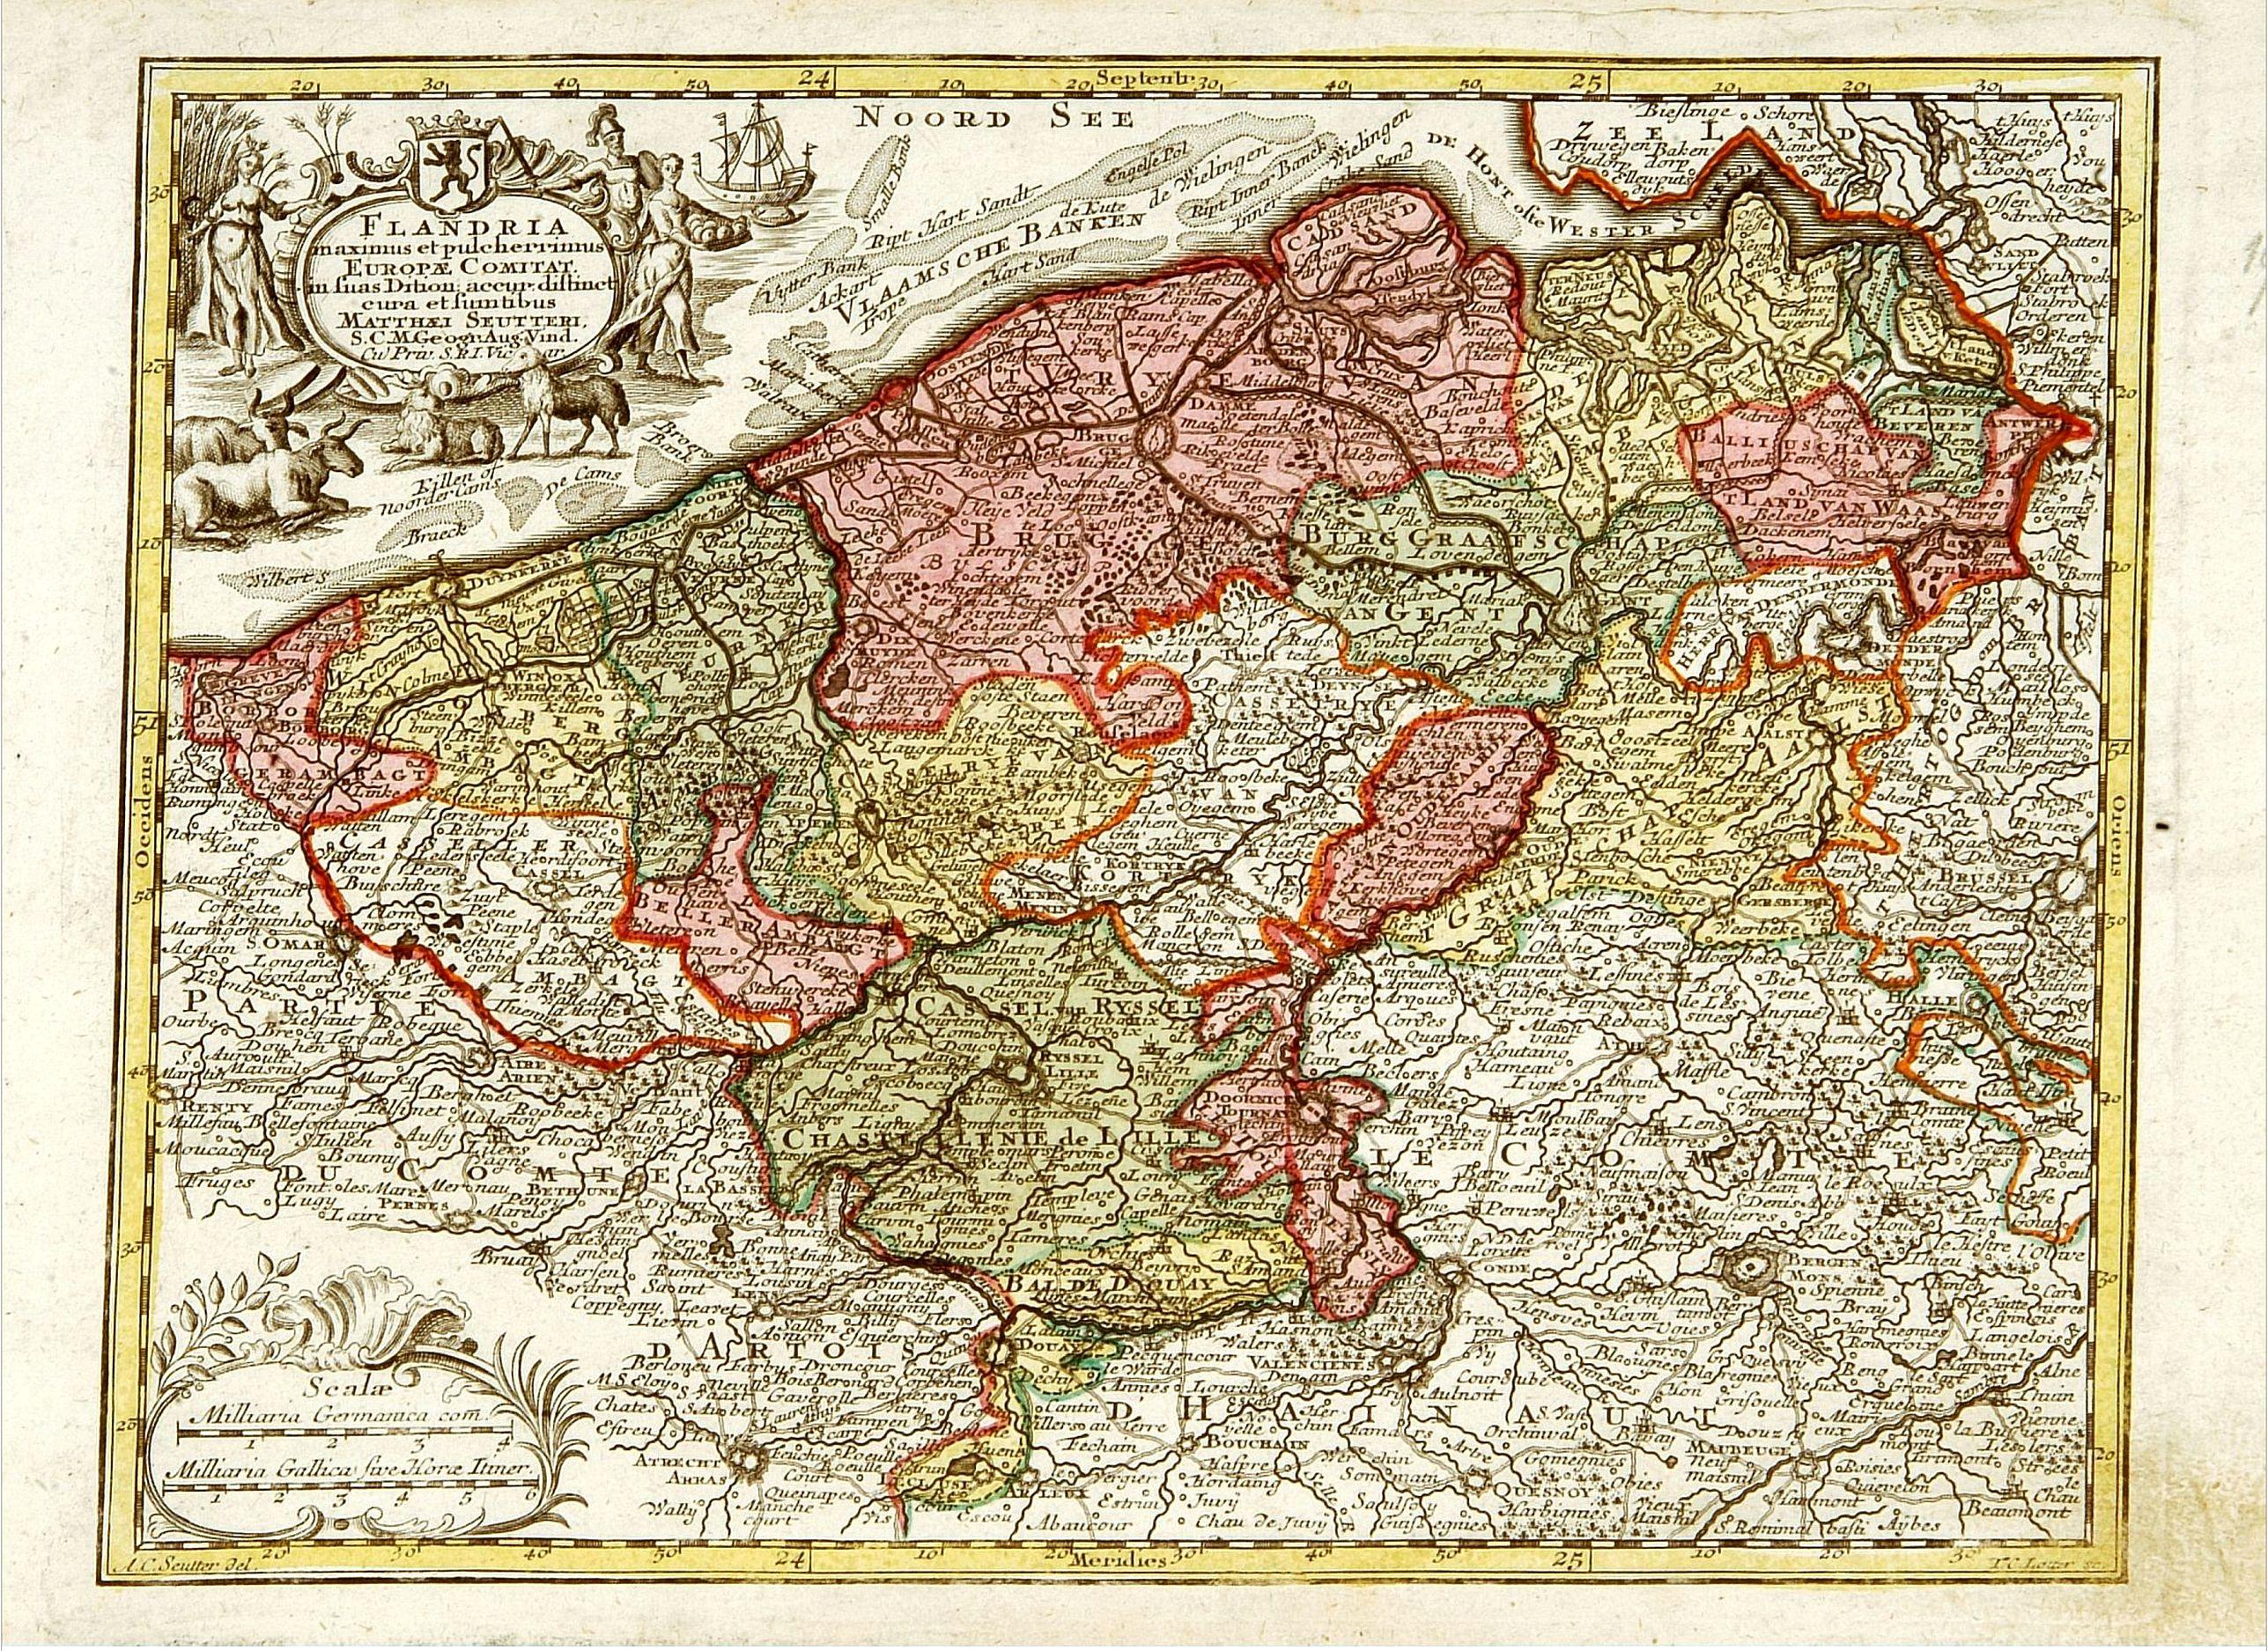 SEUTTER, M. -  Flandria maximus et pulcherrimus. . .